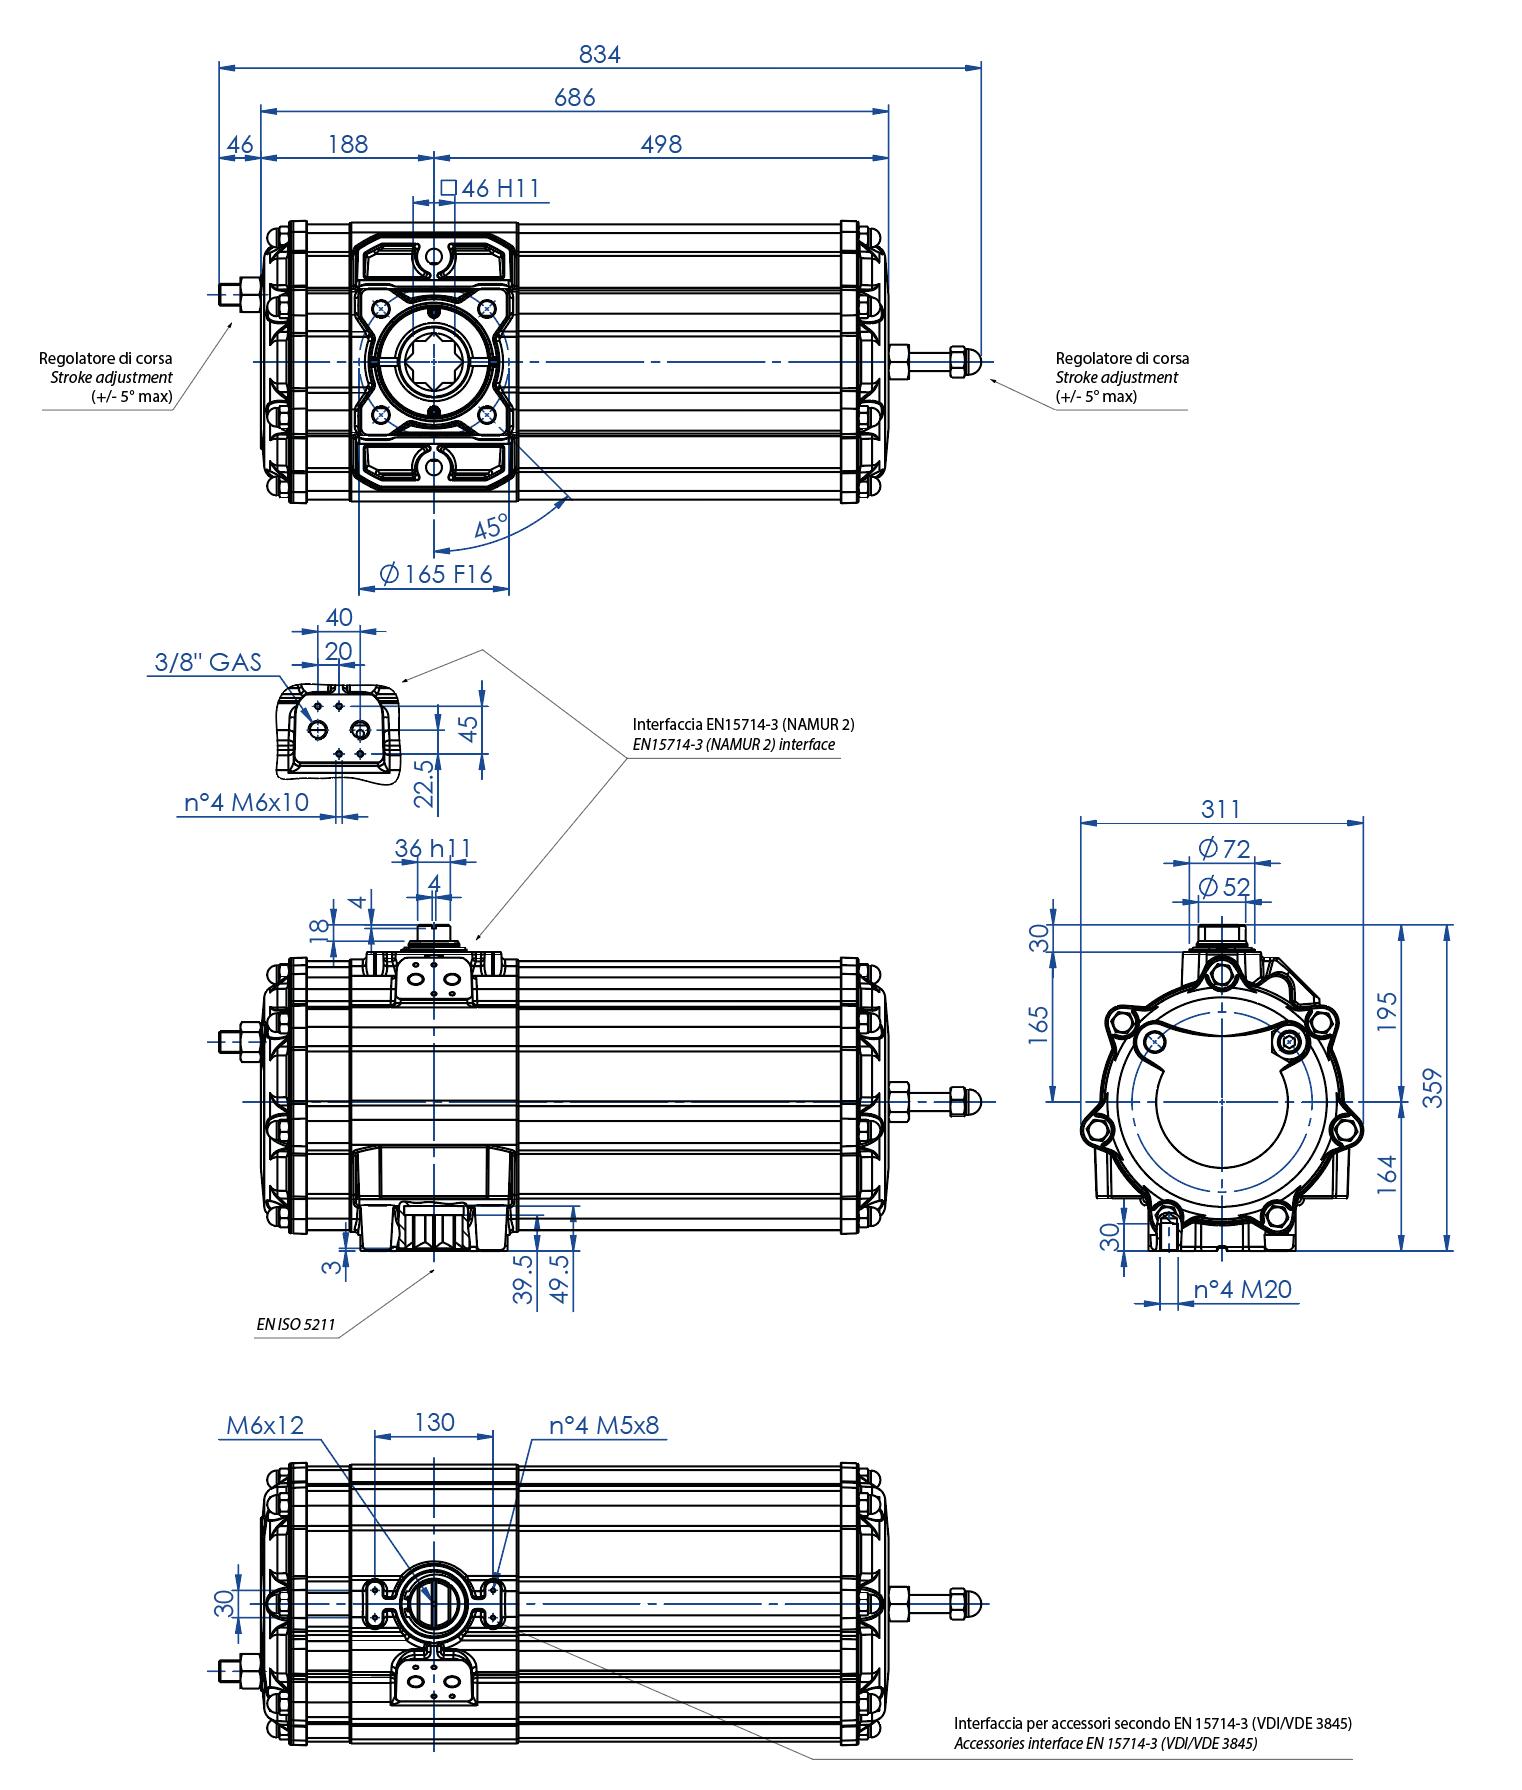 Actuador pneumático de efeito simples GS em alumínio - dimensões - Atuador pneumático efeito simples tamanho GS 1440 (Nm)